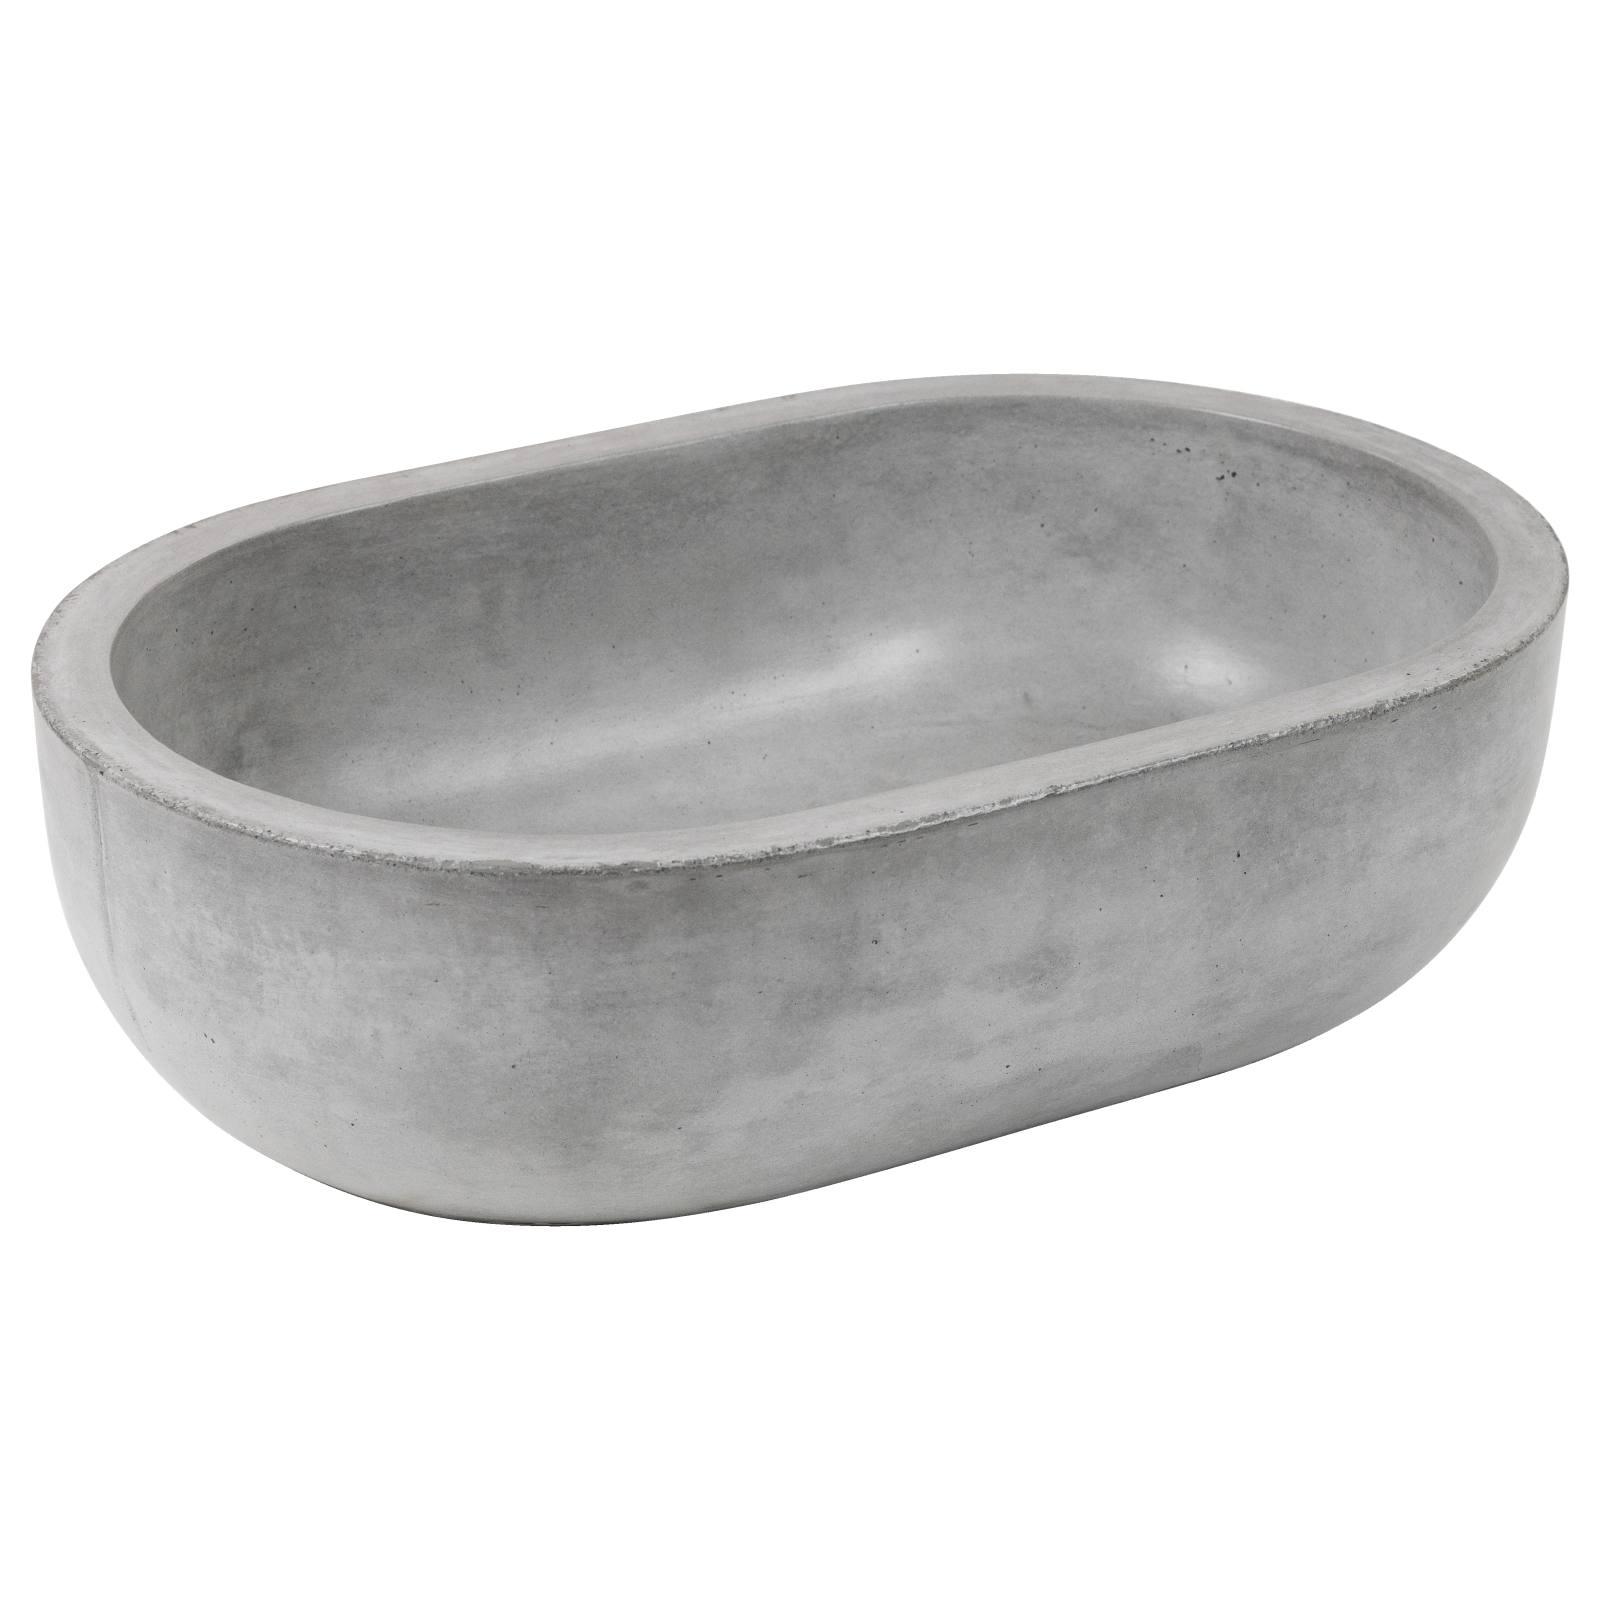 Bowman Oval Concrete Sink Grey Polished Concrete